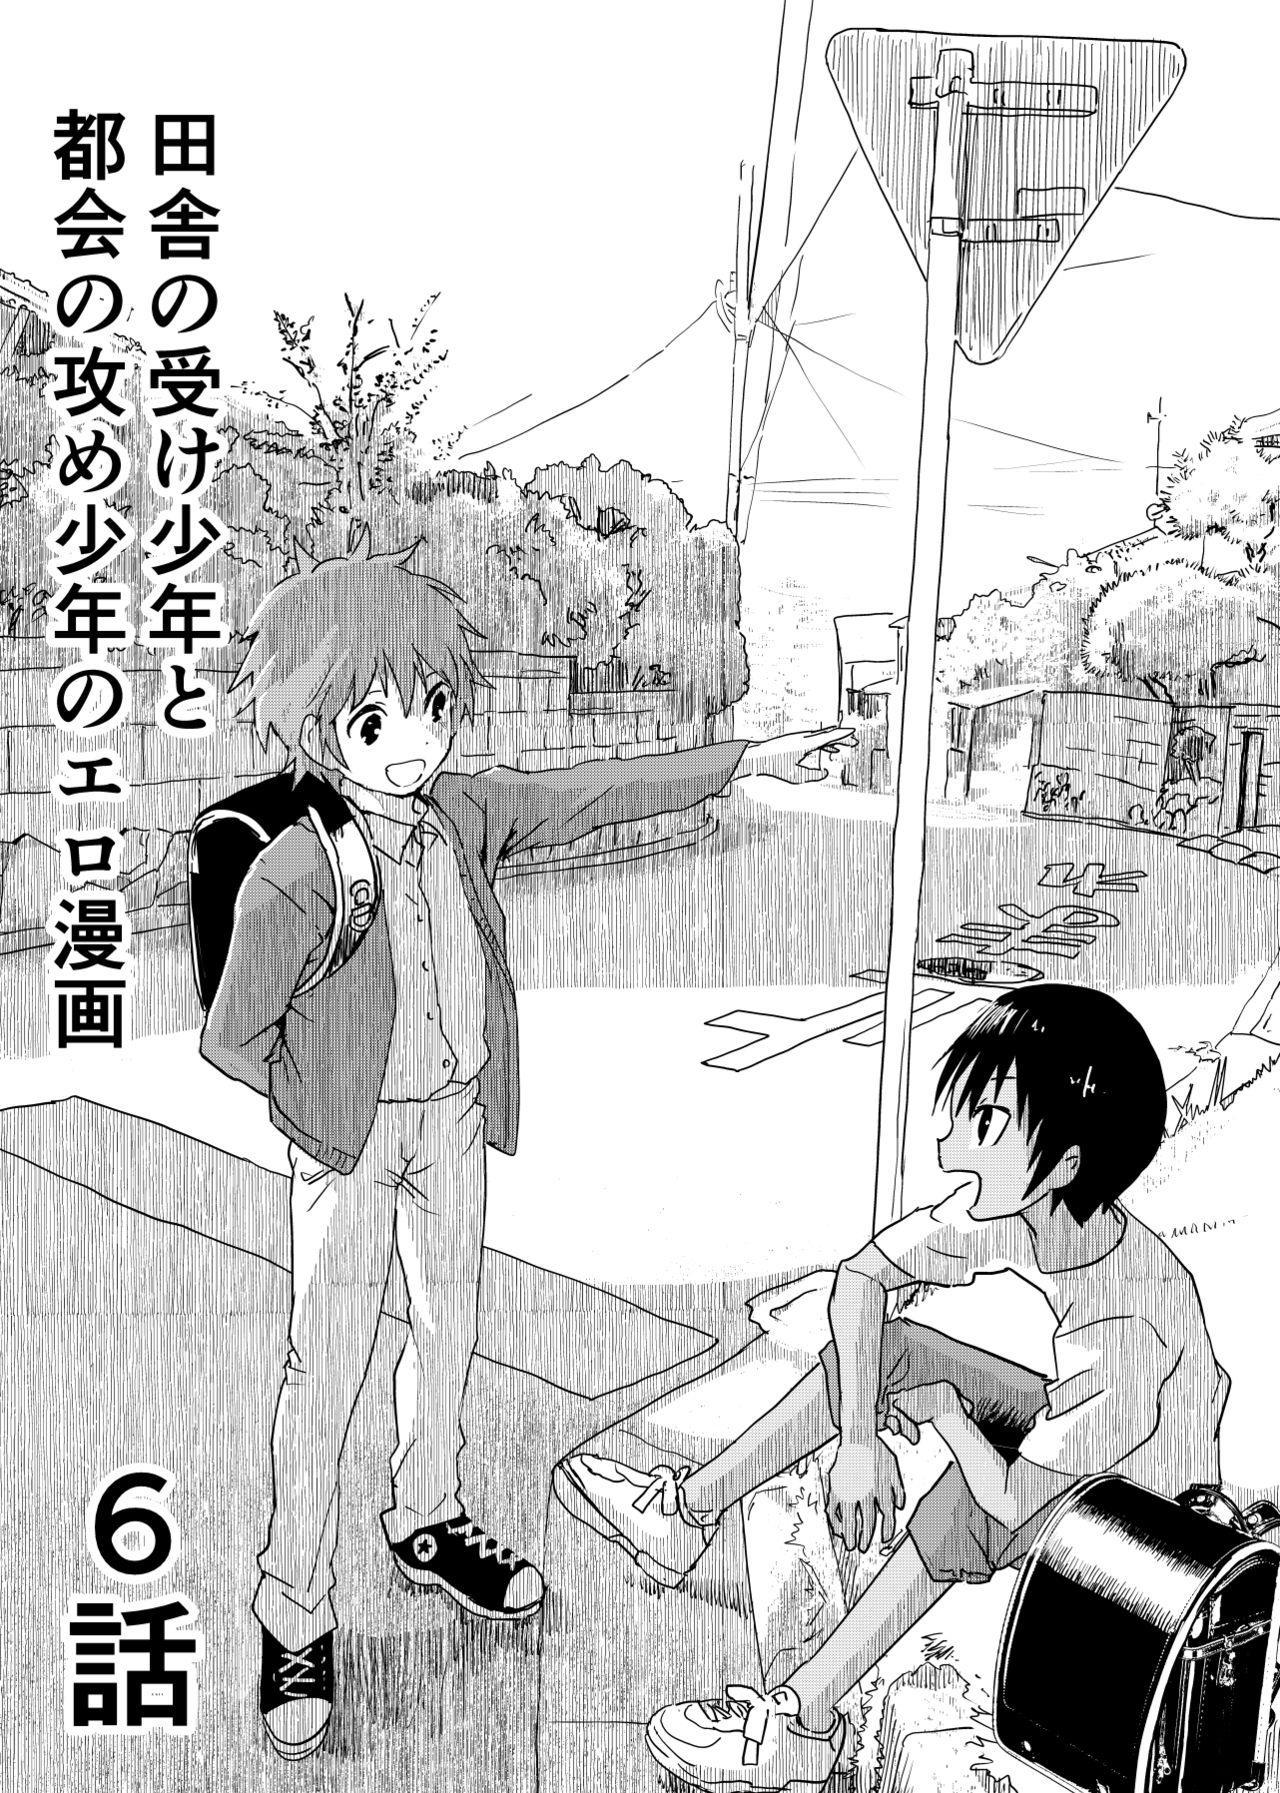 Inaka no Uke Shounen to Tokai no Seme Shounen no Ero Manga 1-6 130